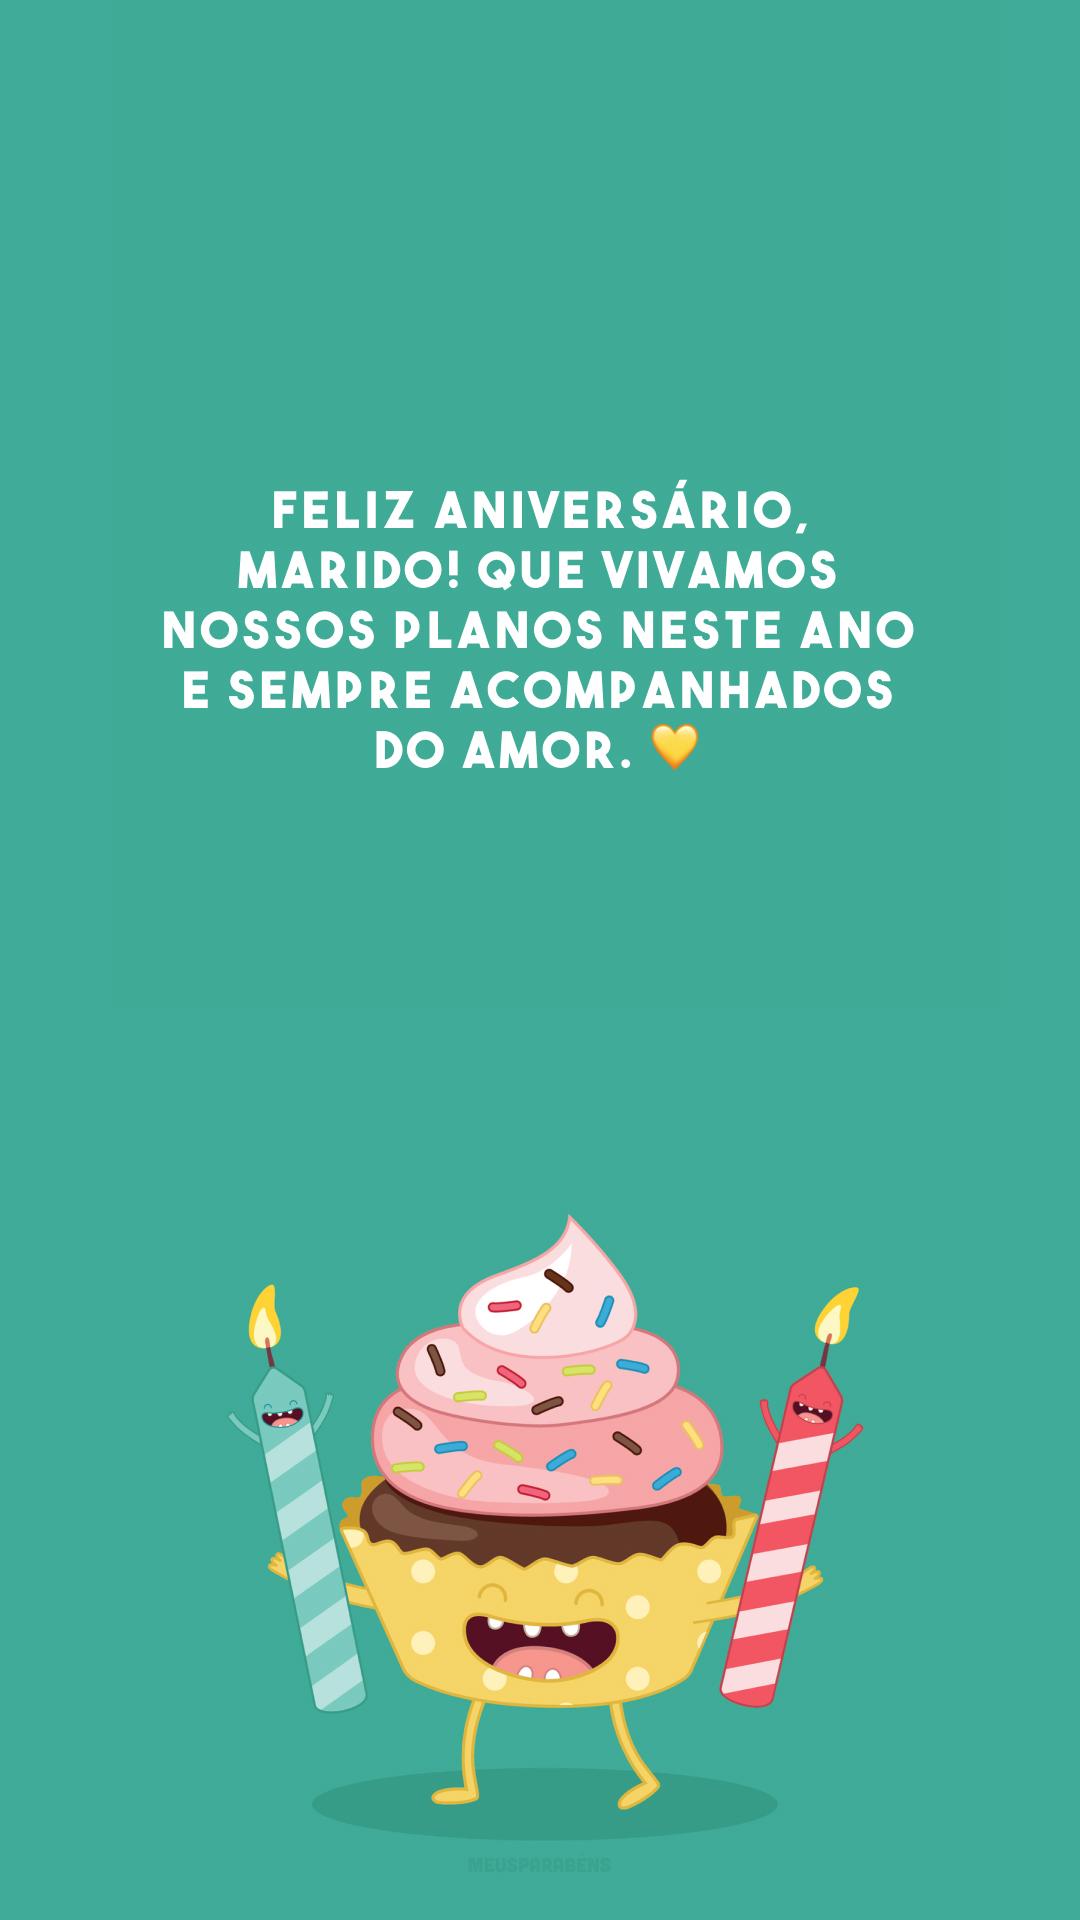 Feliz aniversário, marido! Que vivamos nossos planos neste ano e sempre acompanhados do amor. 💛